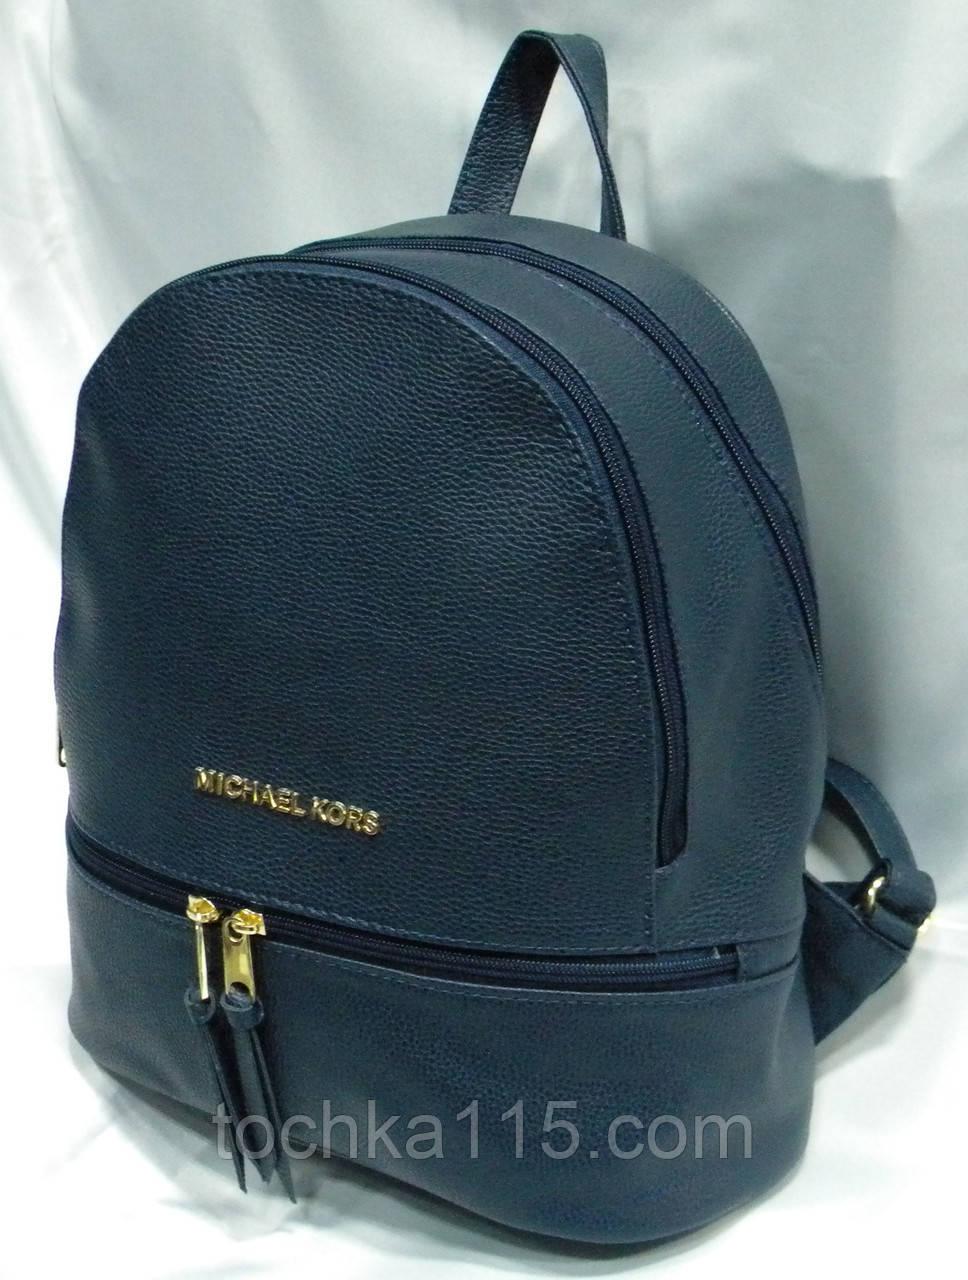 Стильный кожаный женский рюкзак Michael Kors, рюкзак для девочки, городской рюкзак синий реплика